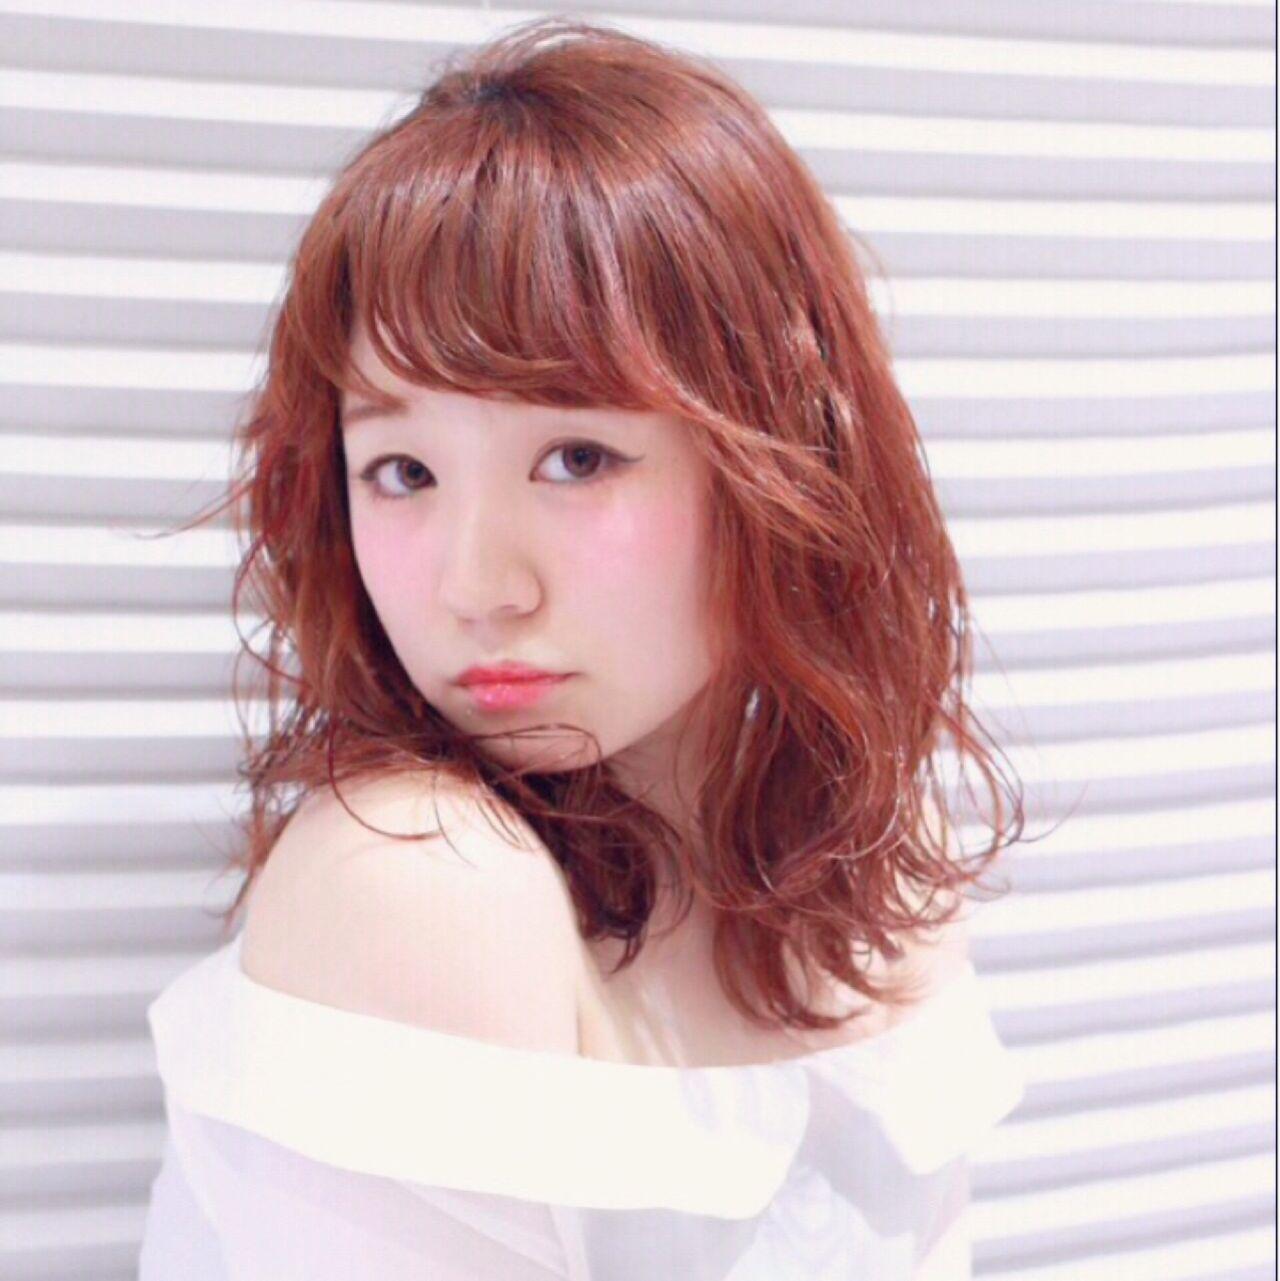 シースルーバング フェミニン ガーリー ミディアム ヘアスタイルや髪型の写真・画像 | 設楽エリカ (shidara erika) /